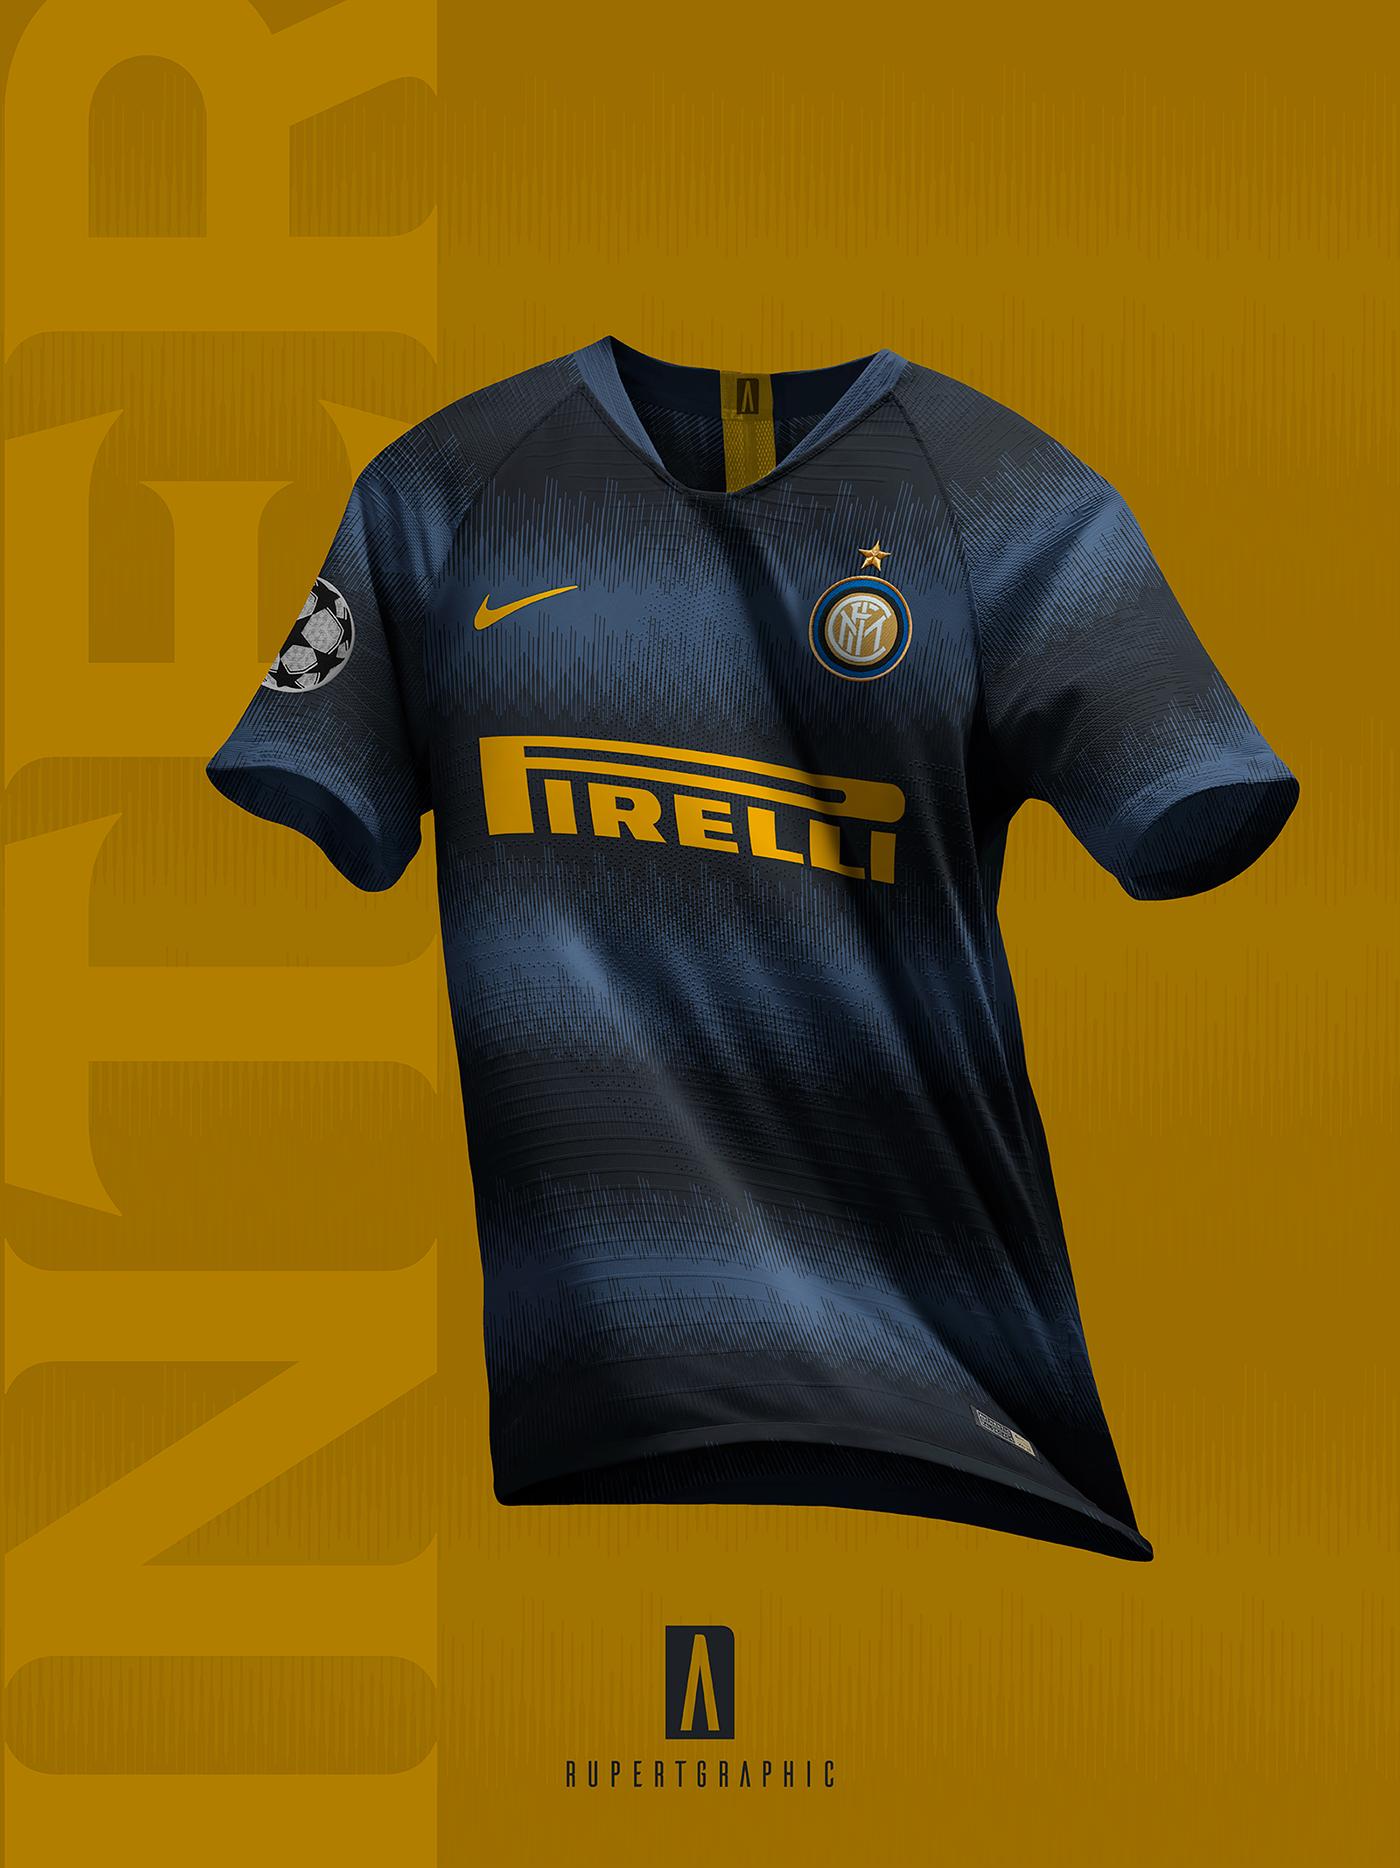 0c207c351172e0 Pin by Exclusivas Shivanil on Shivanil | Sports jersey design ...